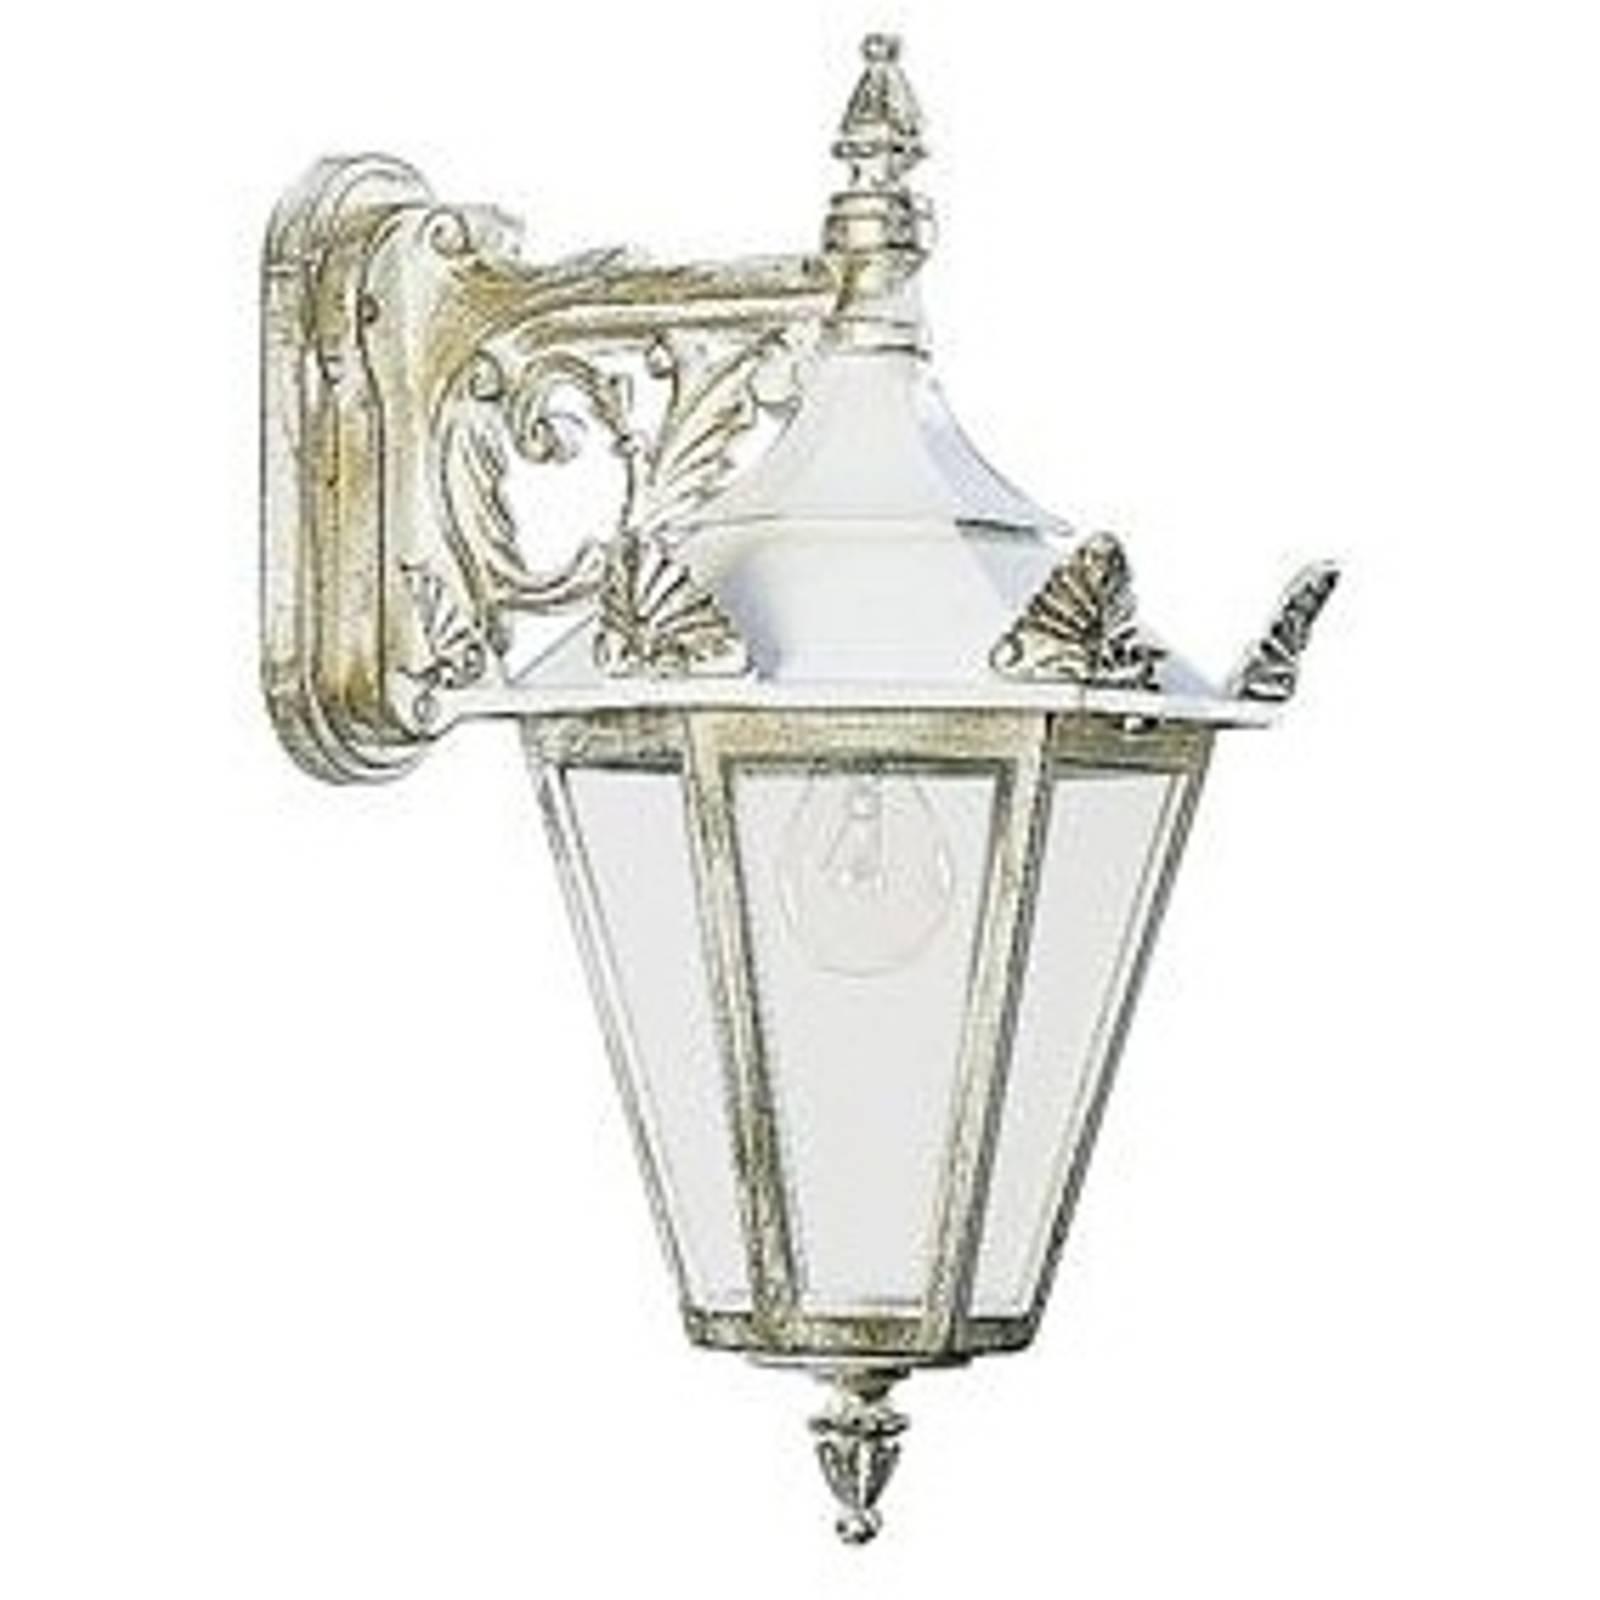 Buitenwandlamp in landhuisstijl 746 W